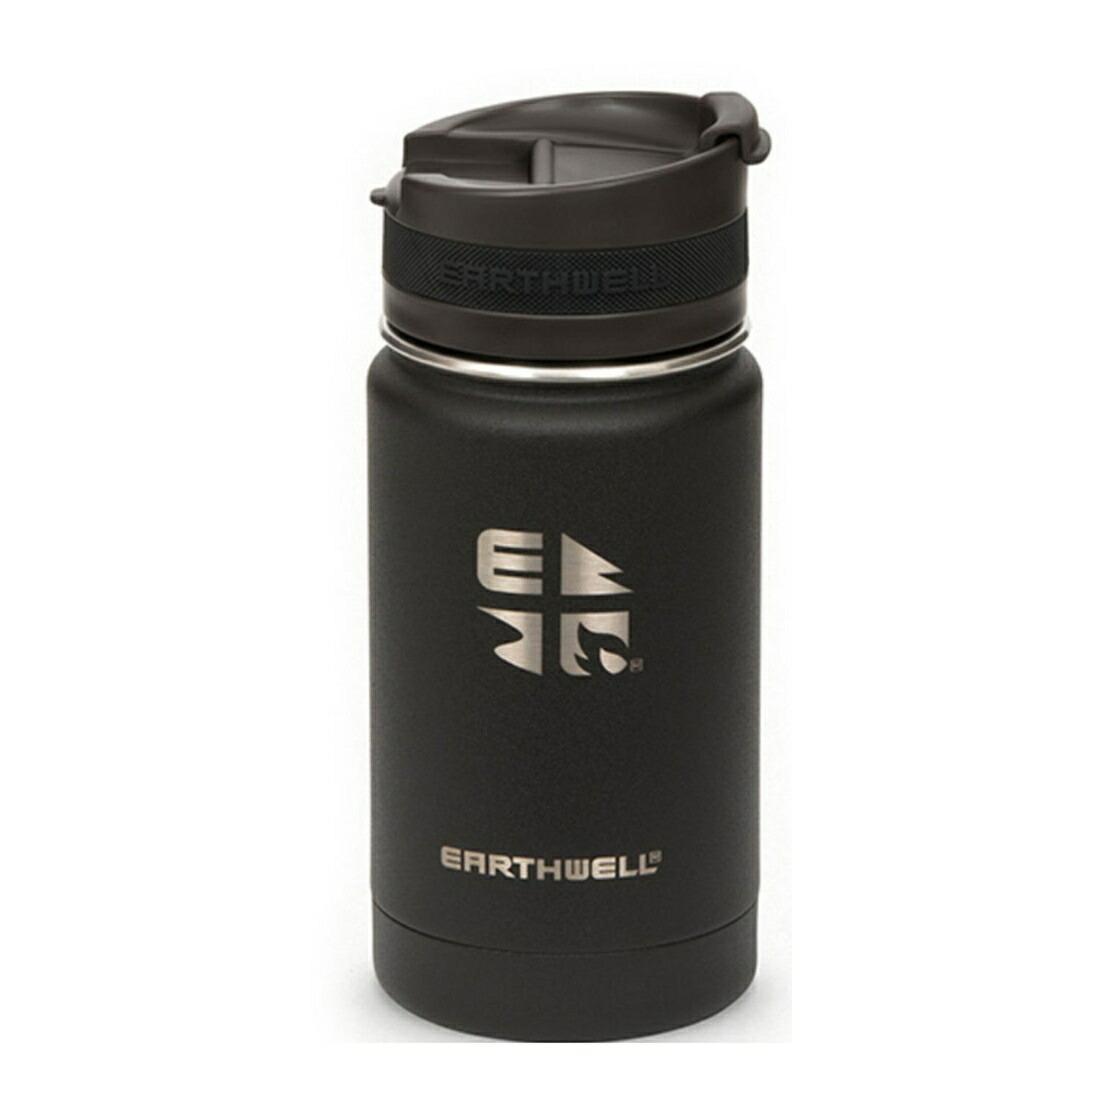 アースウェル ロースターボトル 12oz 保温 ボトル 水筒 バキュームボトル  国内正規品